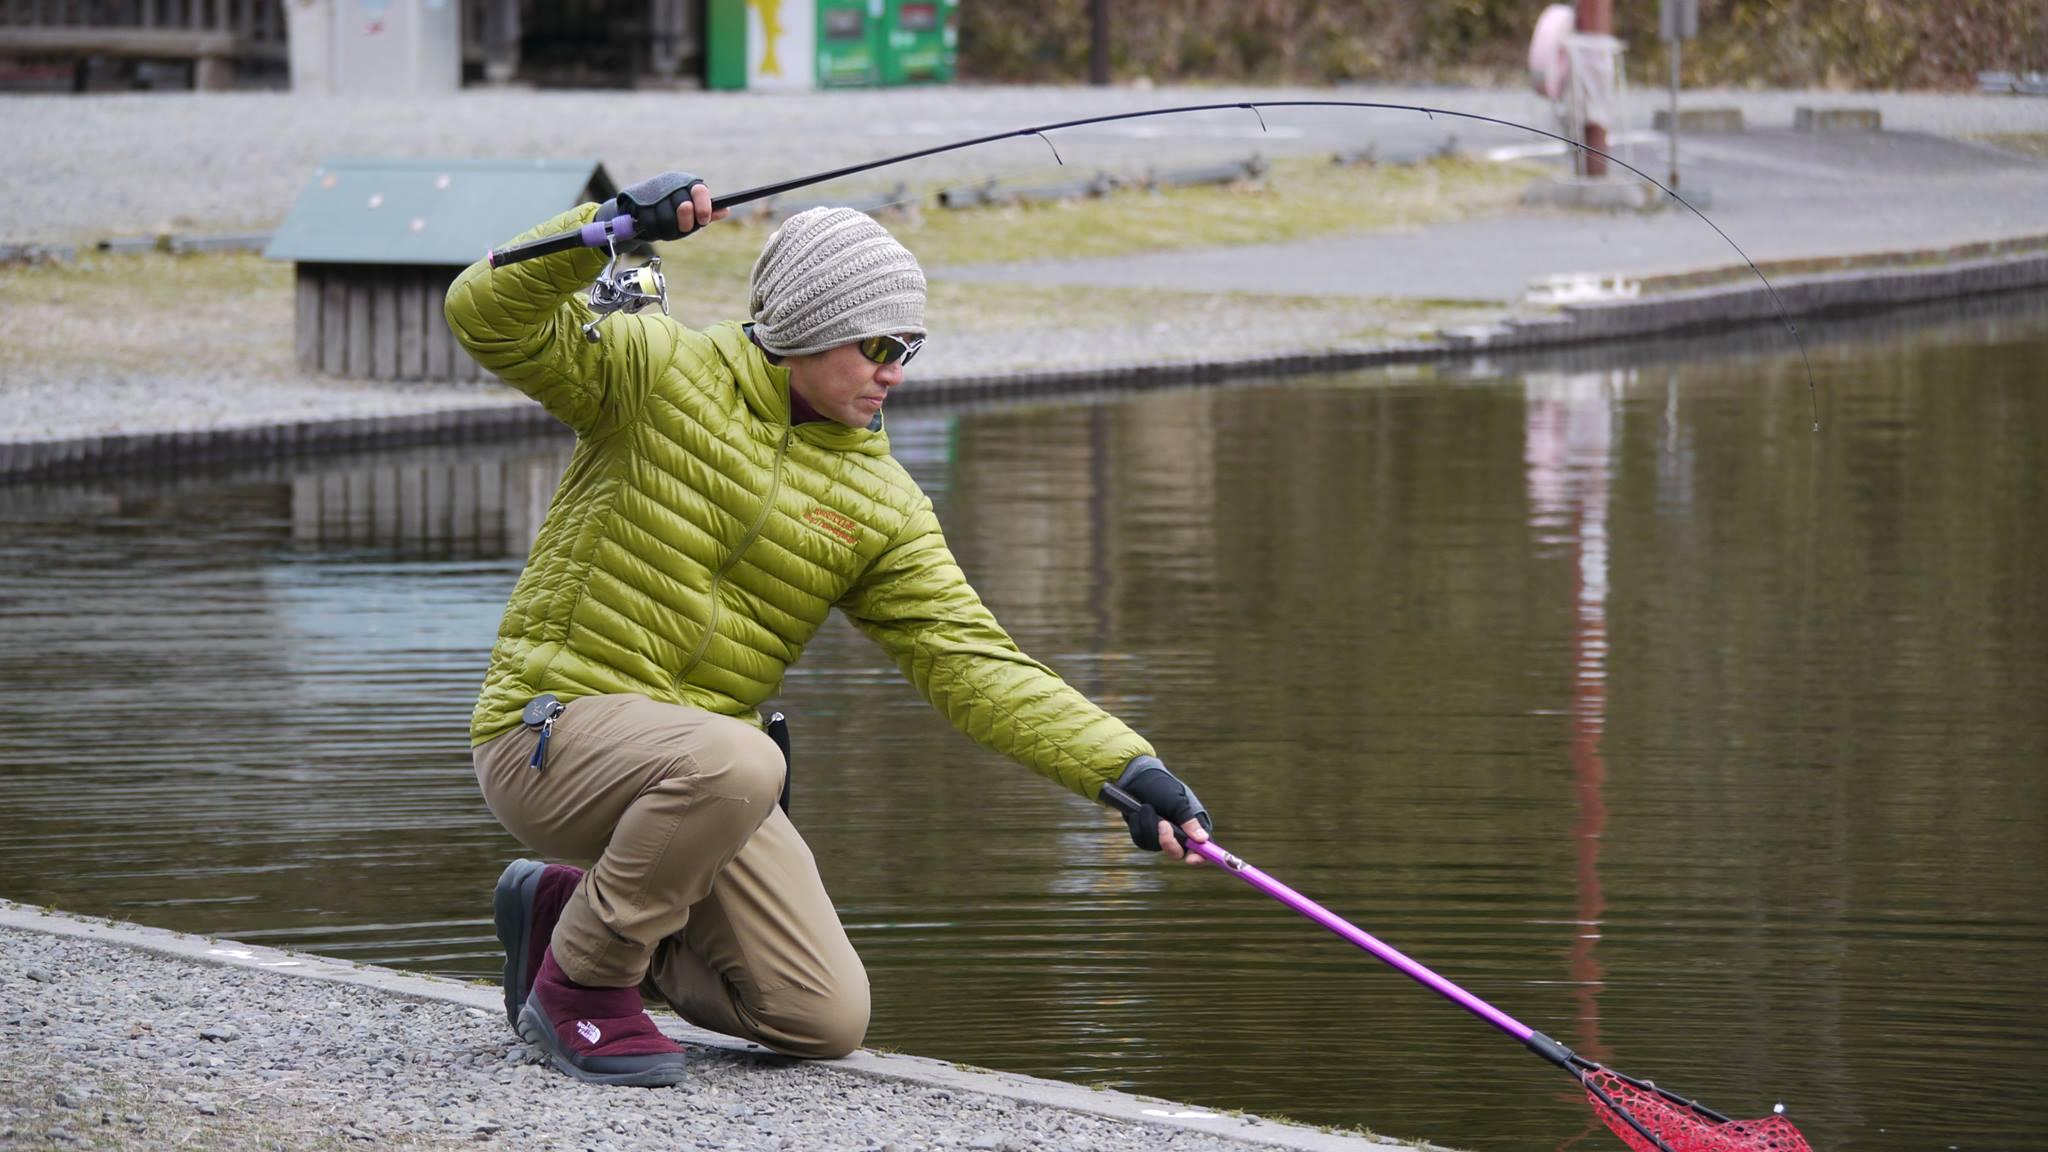 Trout area la pesca alla trota in laghetto a spinning for Laghetto giapponese